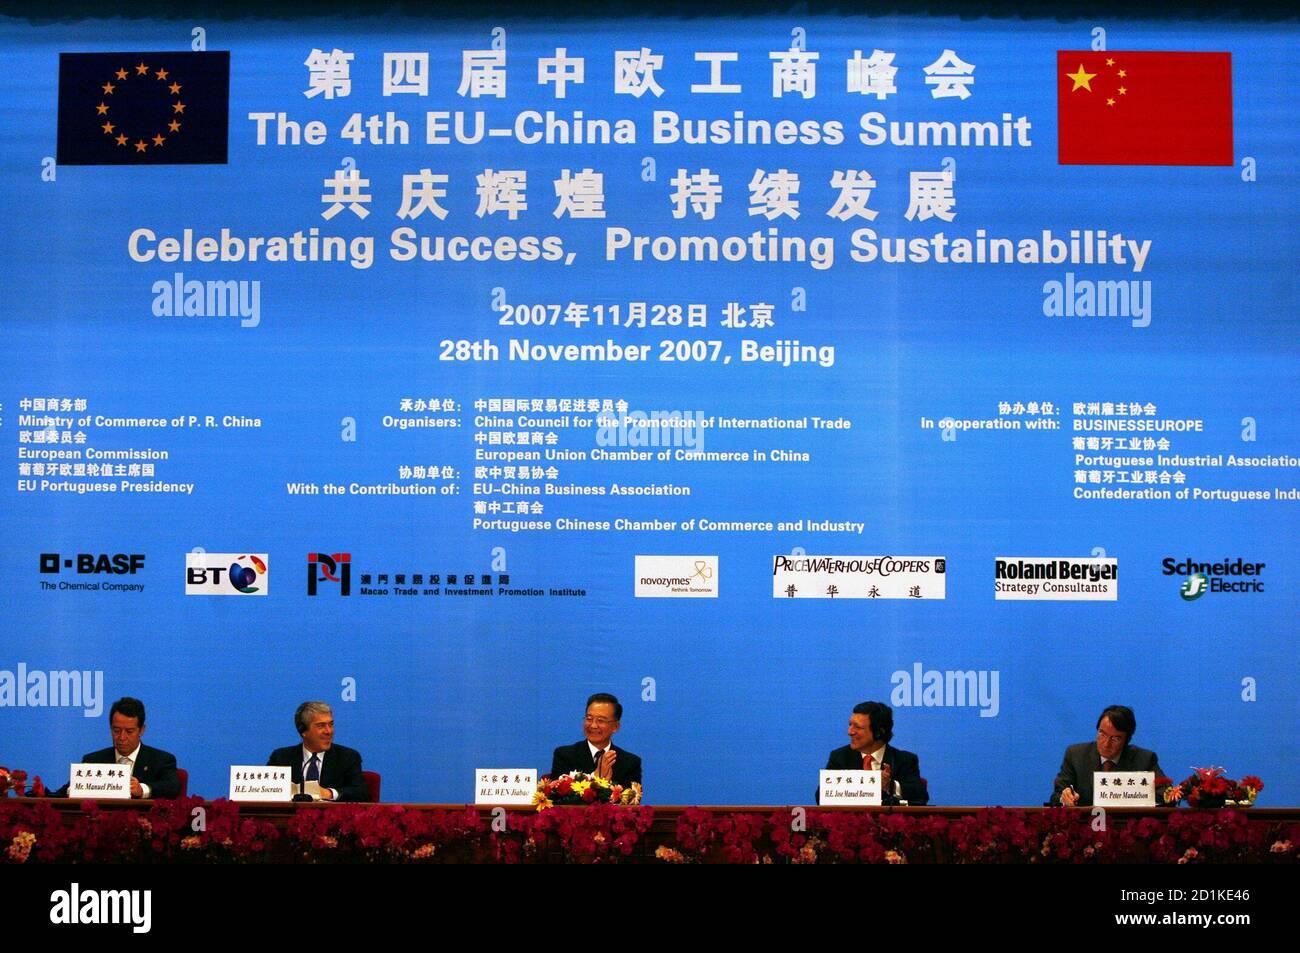 Le Premier ministre chinois Wen Jiabao (C) s'oppose à ce qu'il siège entre le Premier ministre portugais et le président de l'Union européenne José Socrates (2e L) et le président de la Commission européenne Jose Manuel Barroso (2e R) Lors de la cérémonie de clôture du 4ème Sommet des affaires Union européenne-Chine dans la Grande salle du peuple à Beijing le 28 novembre 2007. Le ministre portugais de l'économie Manuel Pinho (L) et le commissaire européen au commerce Peter Mandelson (R) y regardent. REUTERS/David Gray (CHINE) Banque D'Images